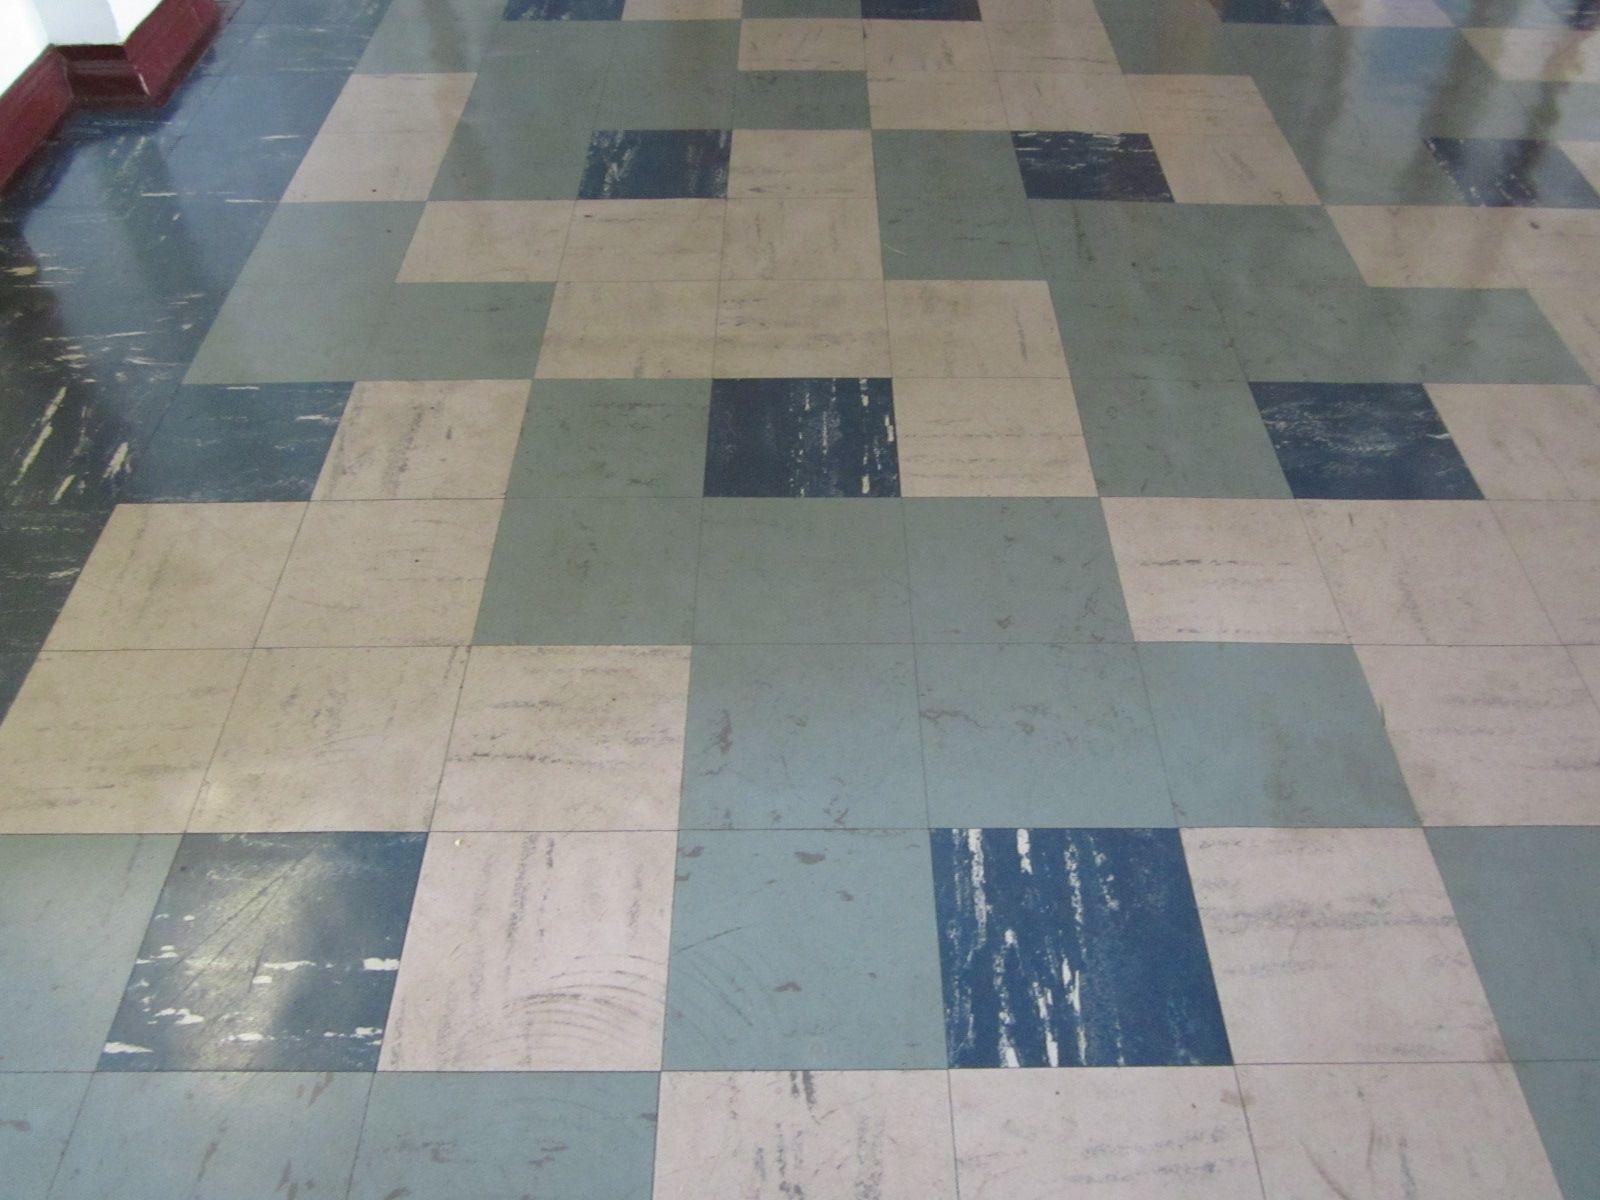 Gaf Vinyl Asbestos Floor Tile Tile Floor Vinyl Tiles Flooring